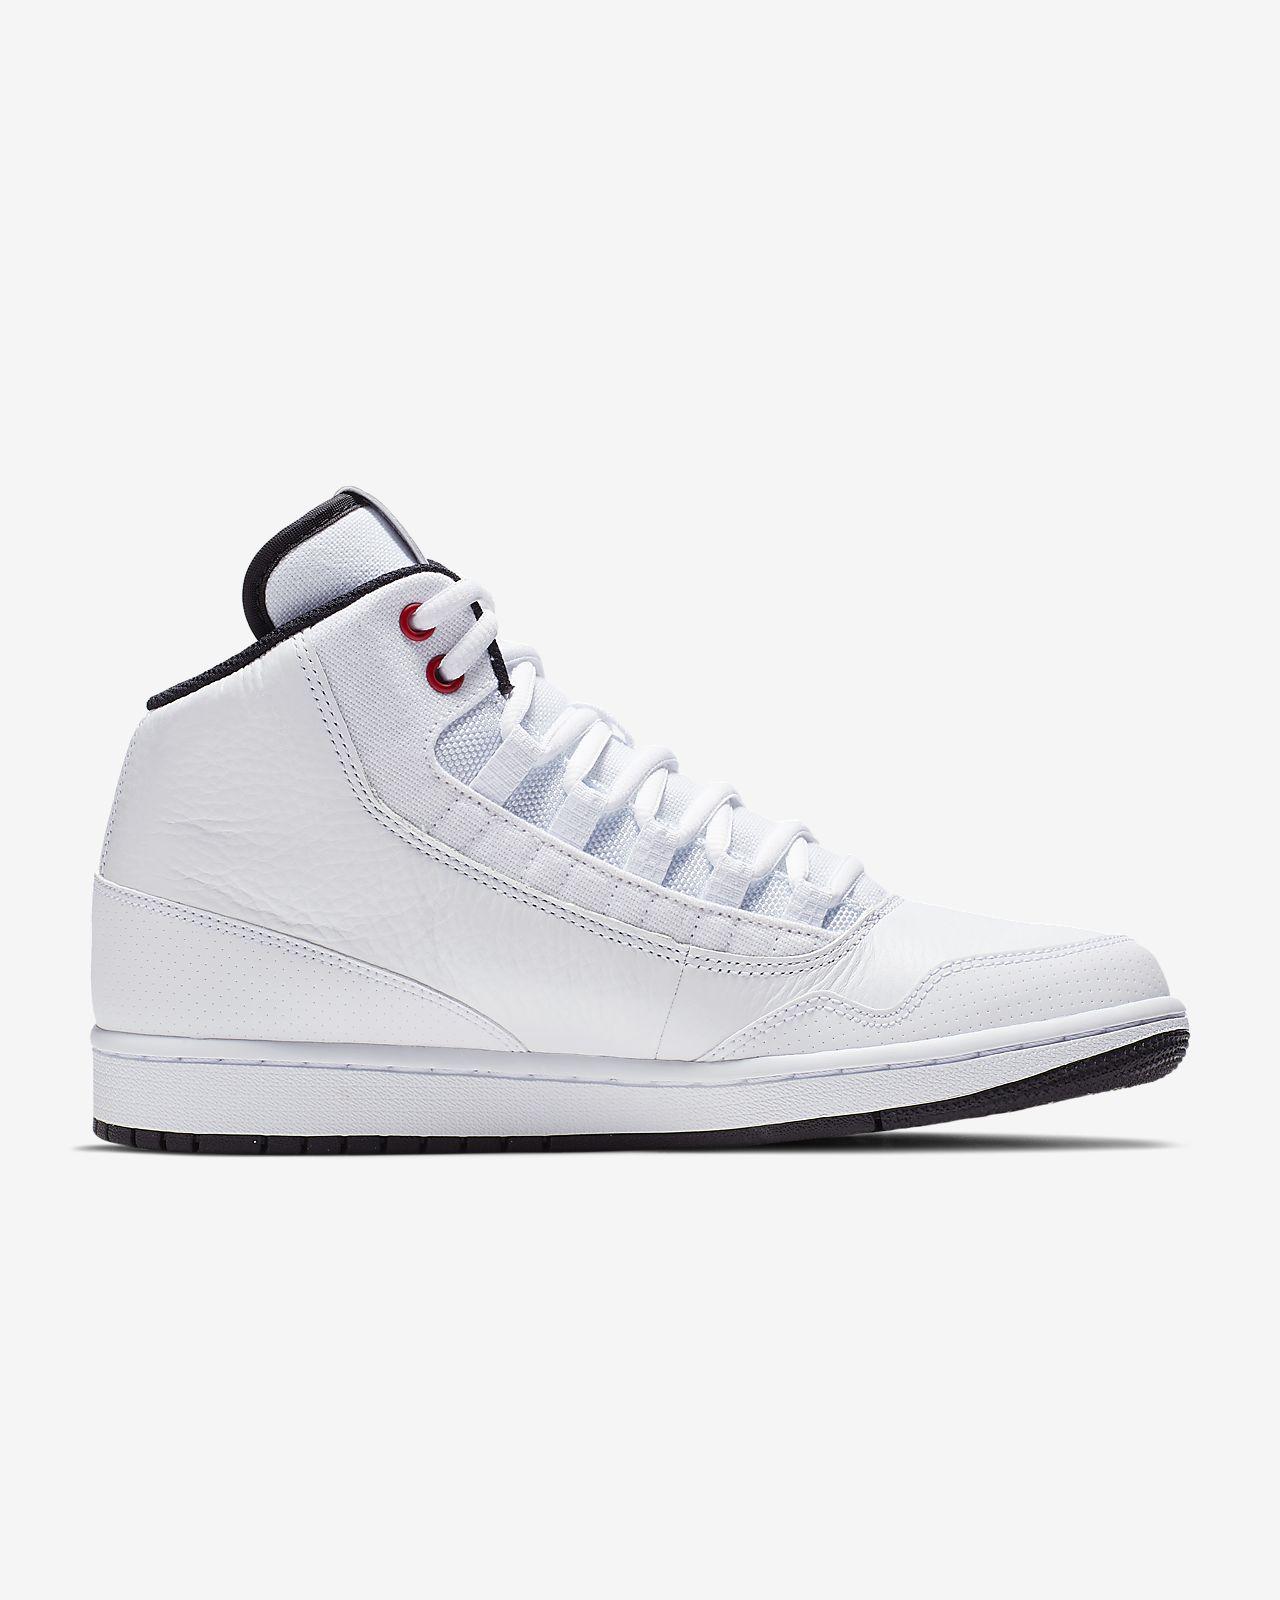 huge selection of 3b78c b3629 Low Resolution Jordan Executive Men s Shoe Jordan Executive Men s Shoe